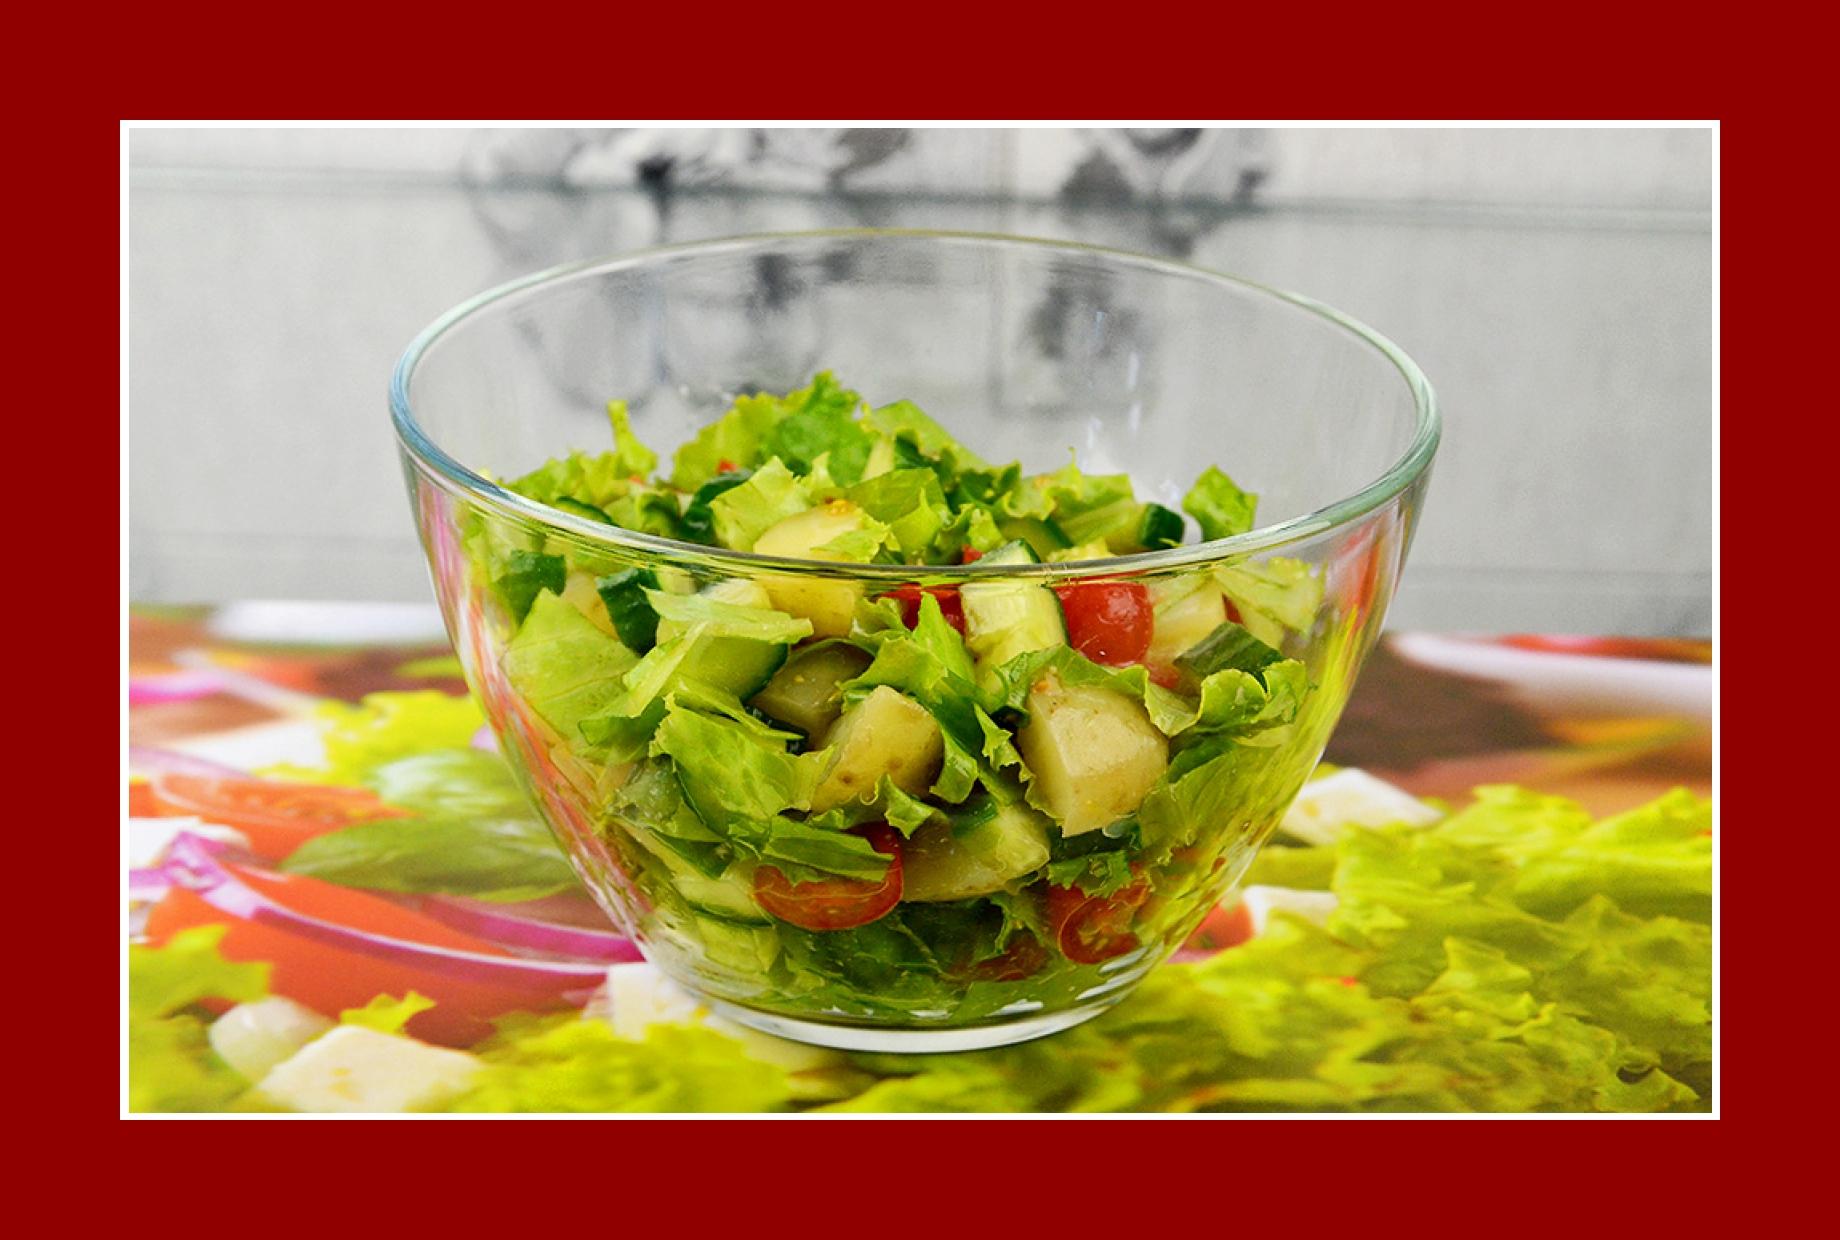 Grillsalat Rezept Kartoffelsalat mit Tomaten Gurken Eisbergsalat